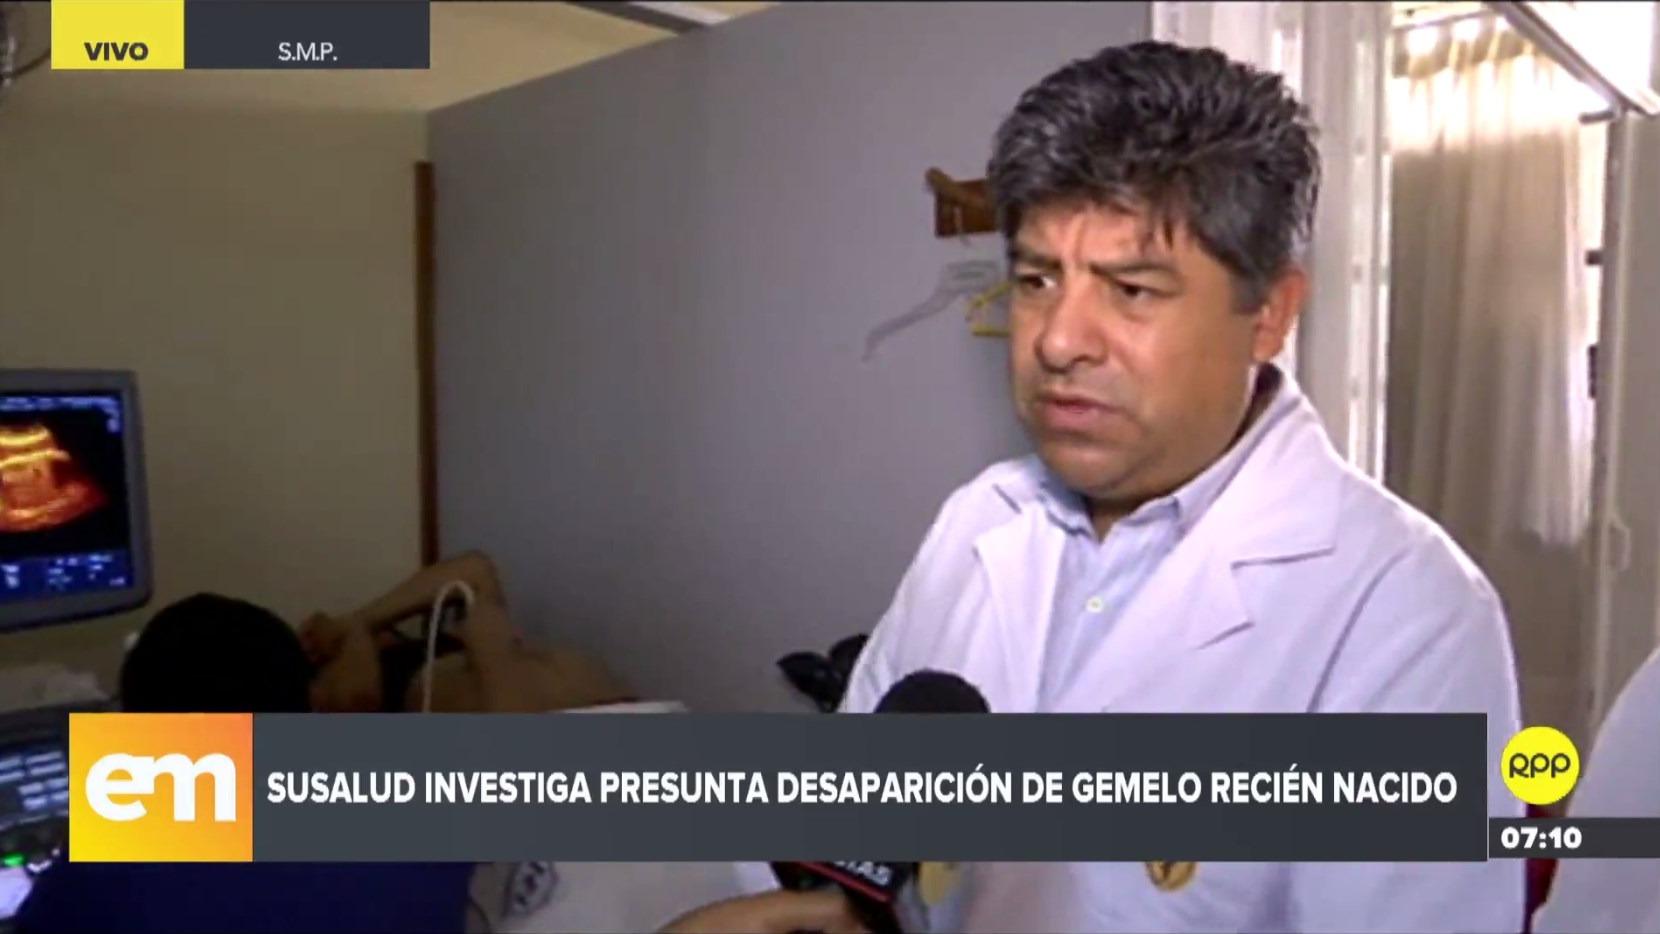 Representante del Hospital Cayetano Heredia aseguró que Mariella Guillermo Bautista esperaba solo un bebé.